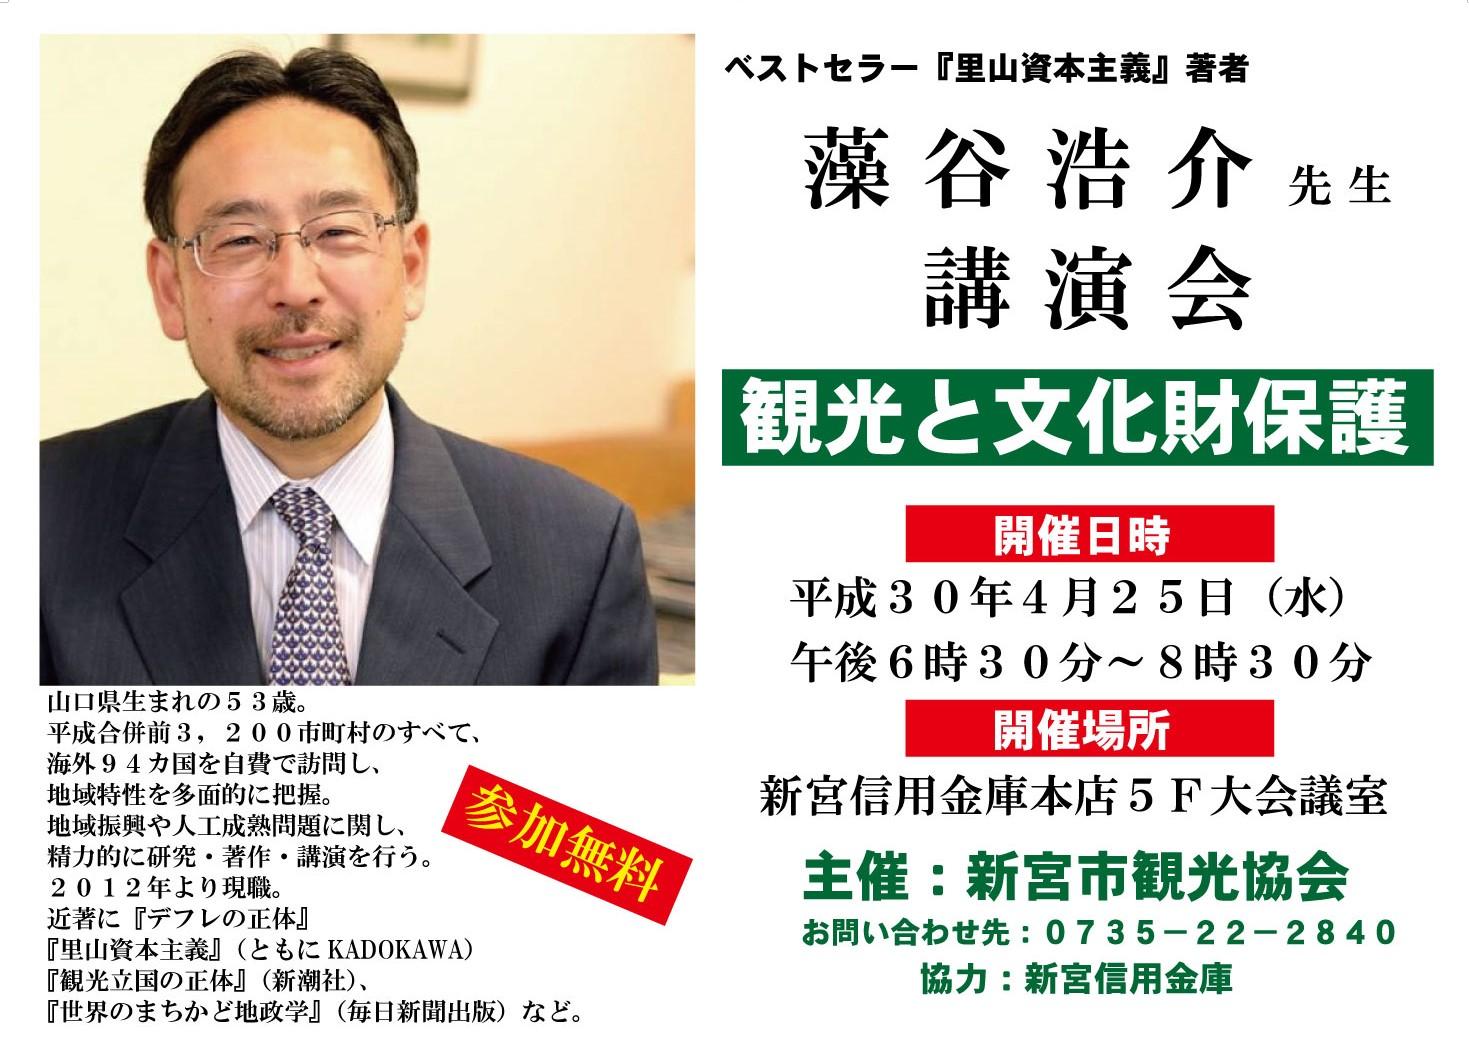 ベストセラー「里山資本主義」著者 藻谷浩介先生による講演会~観光と文化財保護~